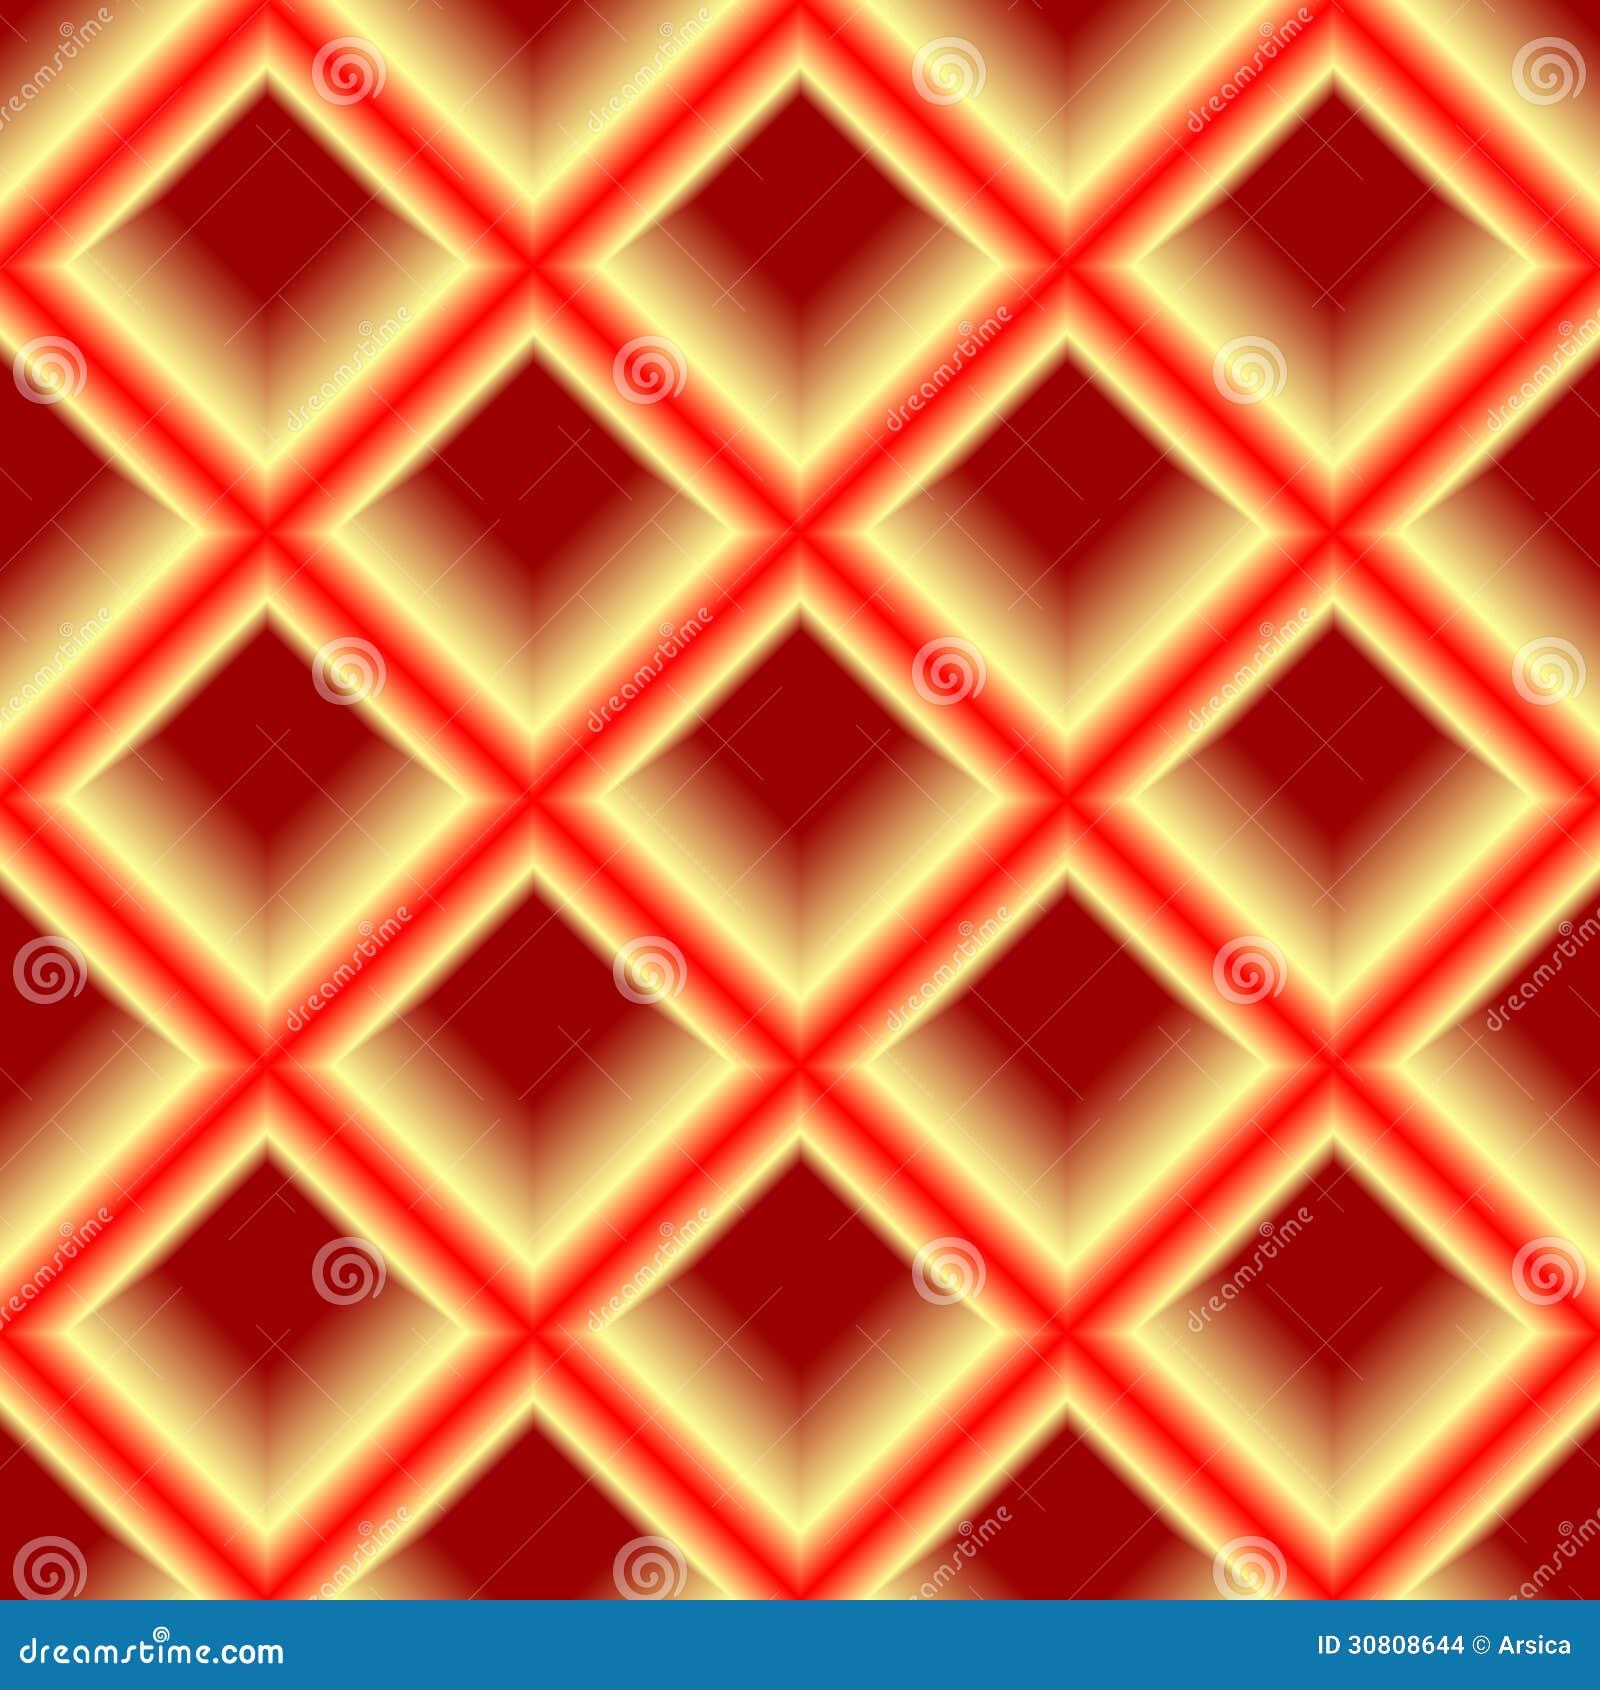 quadrilaterals in nature - photo #10